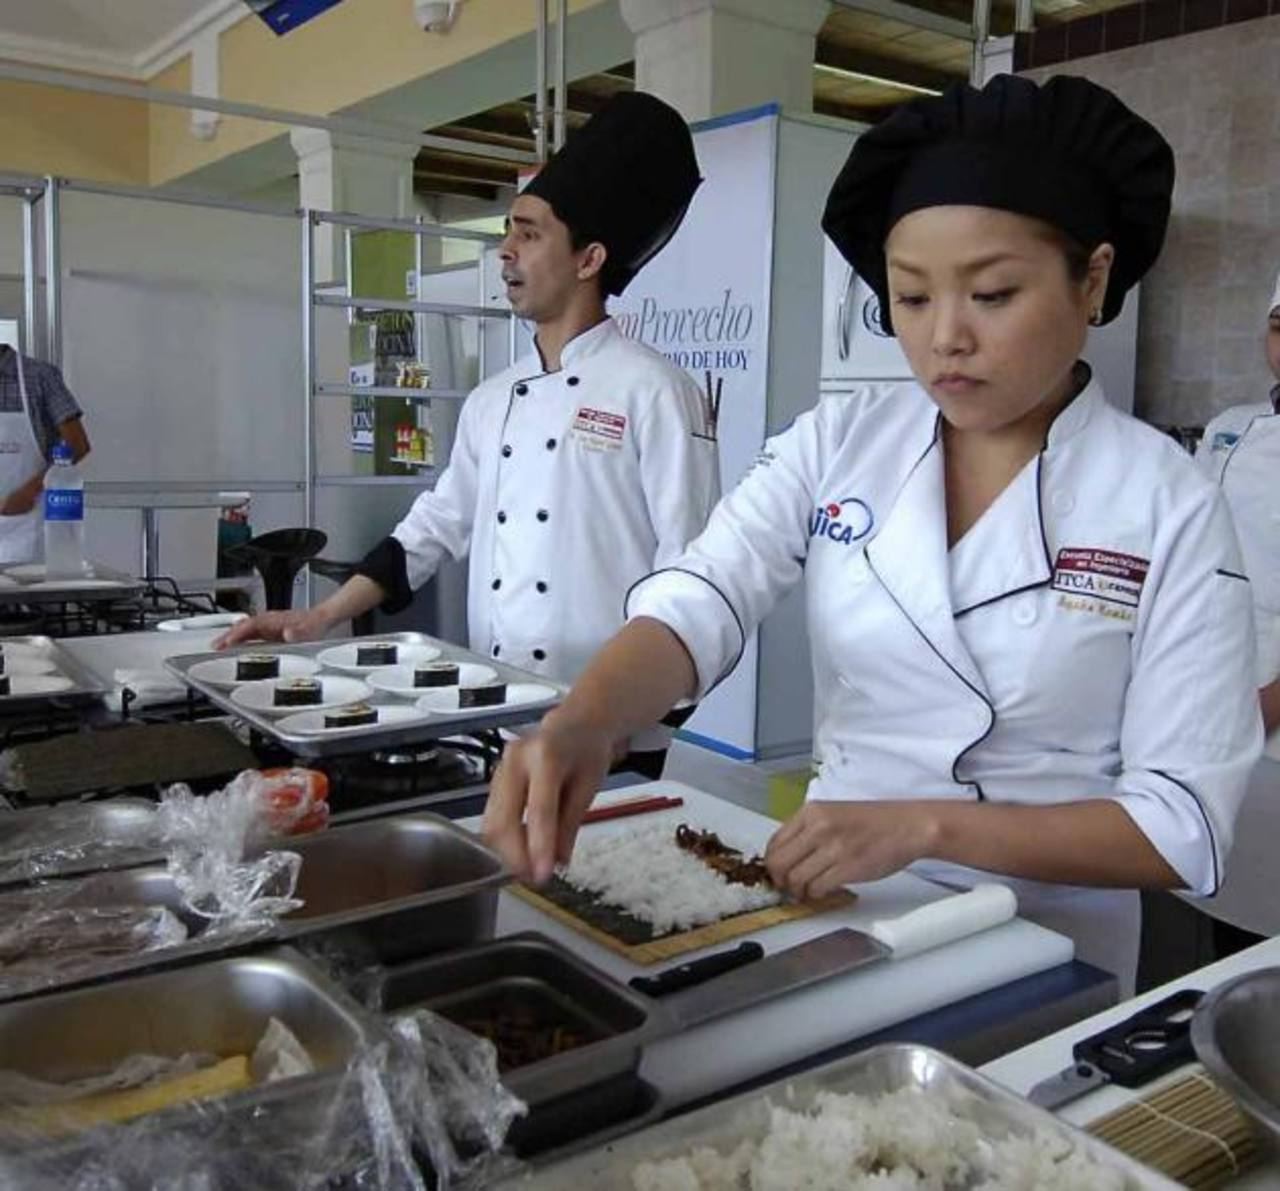 La elaboración de los rolls de sushi fue una de las más concurridas de la mañana. Hubo degustación. fotos EDH/ René estrada